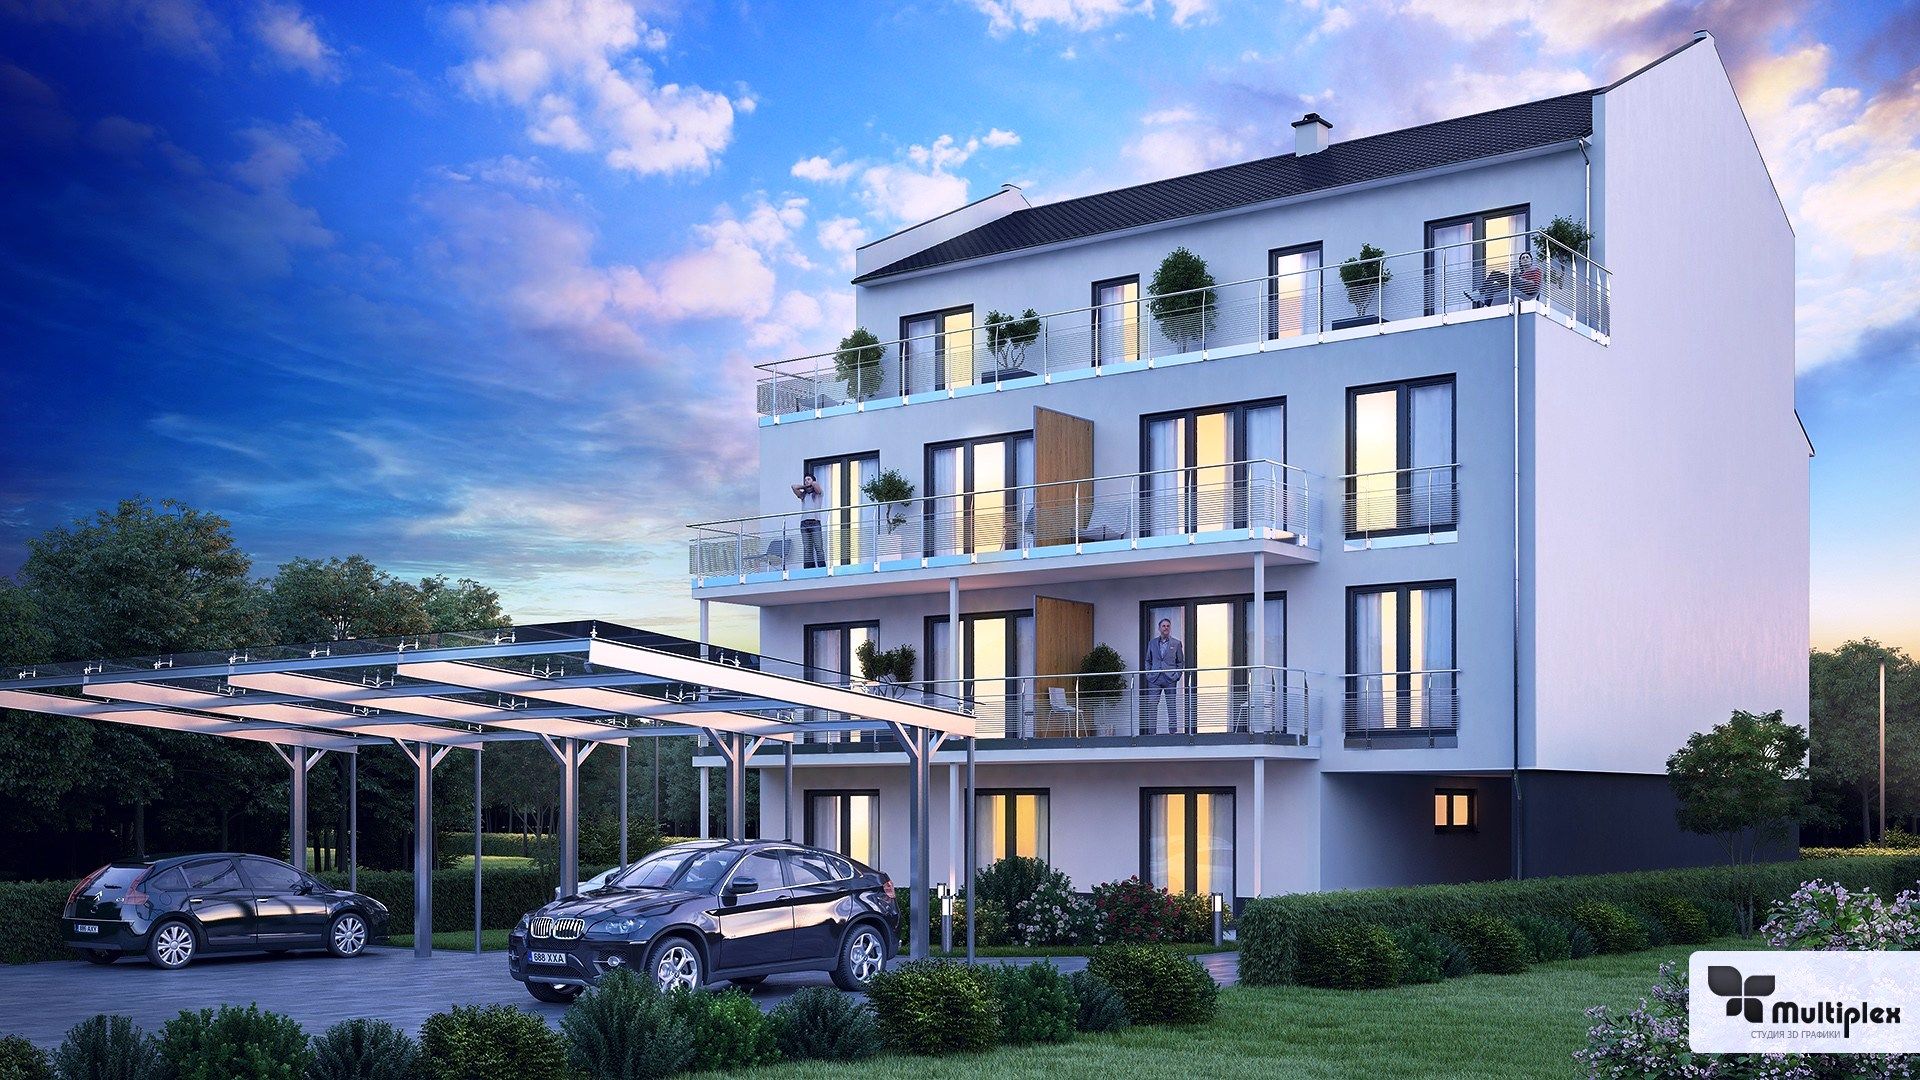 """Стоимость 3D-моделирования объектов, зданий и домов зависит от целого ряда различных факторов. И в этом материале одна из специализированных компаний - студия """"Мультиплекс"""" решила рассказать нашим читателям о том, как у них формируется стоимость упомянутых услуг."""